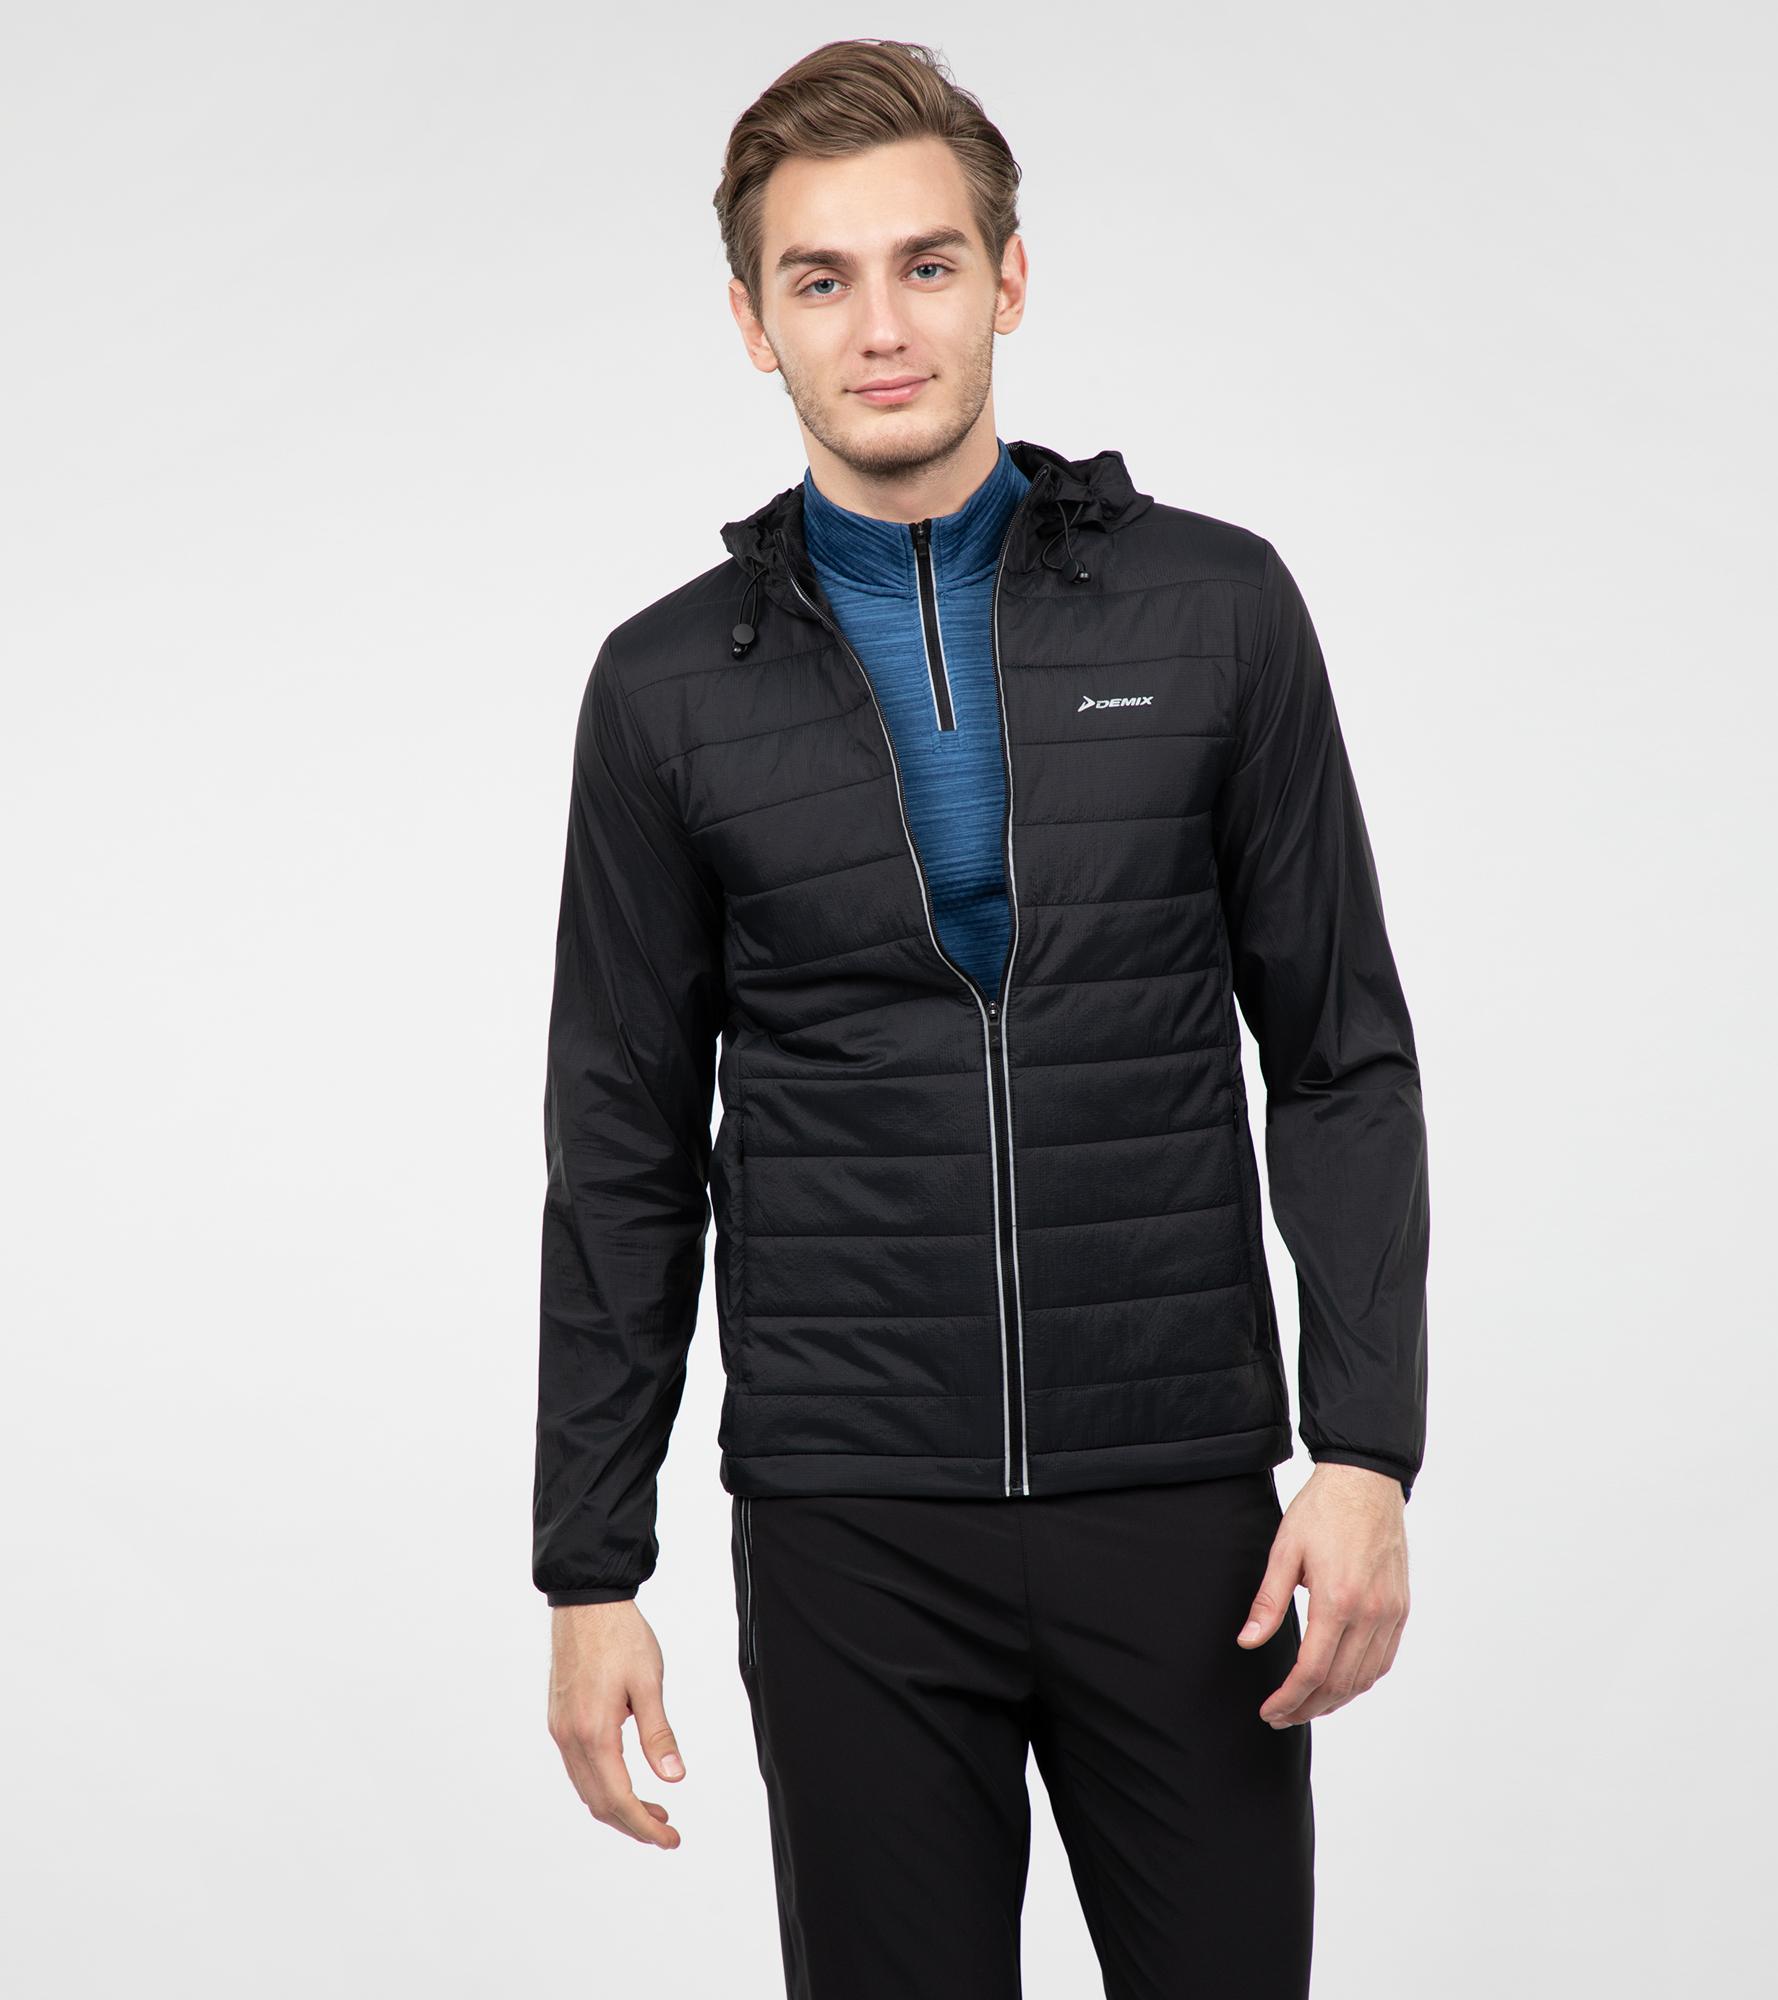 Demix Куртка утепленная мужская Demix, размер 52 цены онлайн